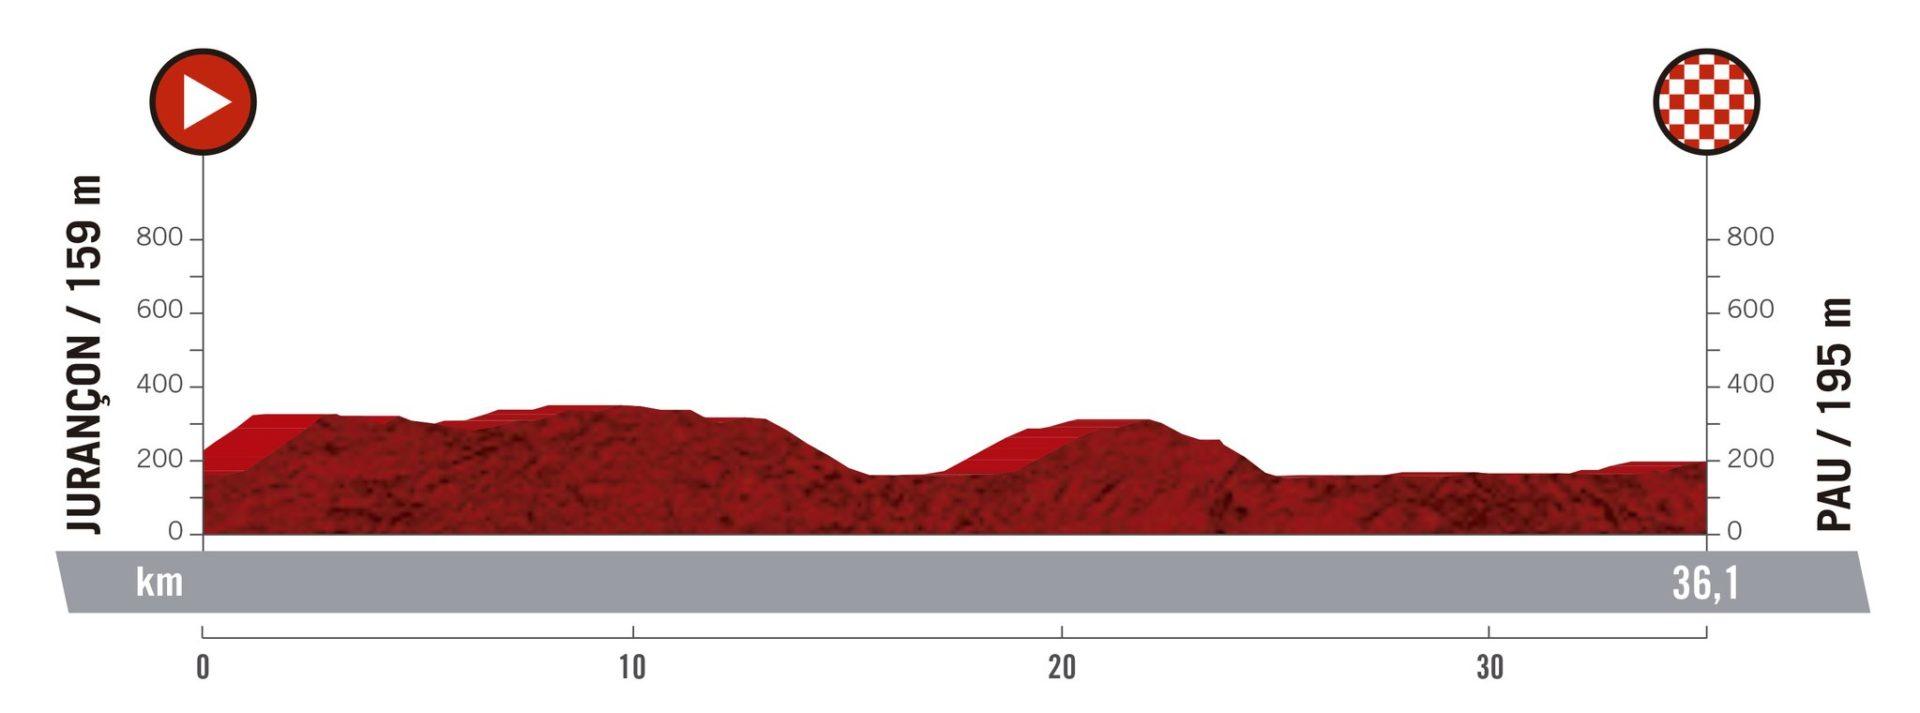 Jurançon - Pau. La Vuelta 2019